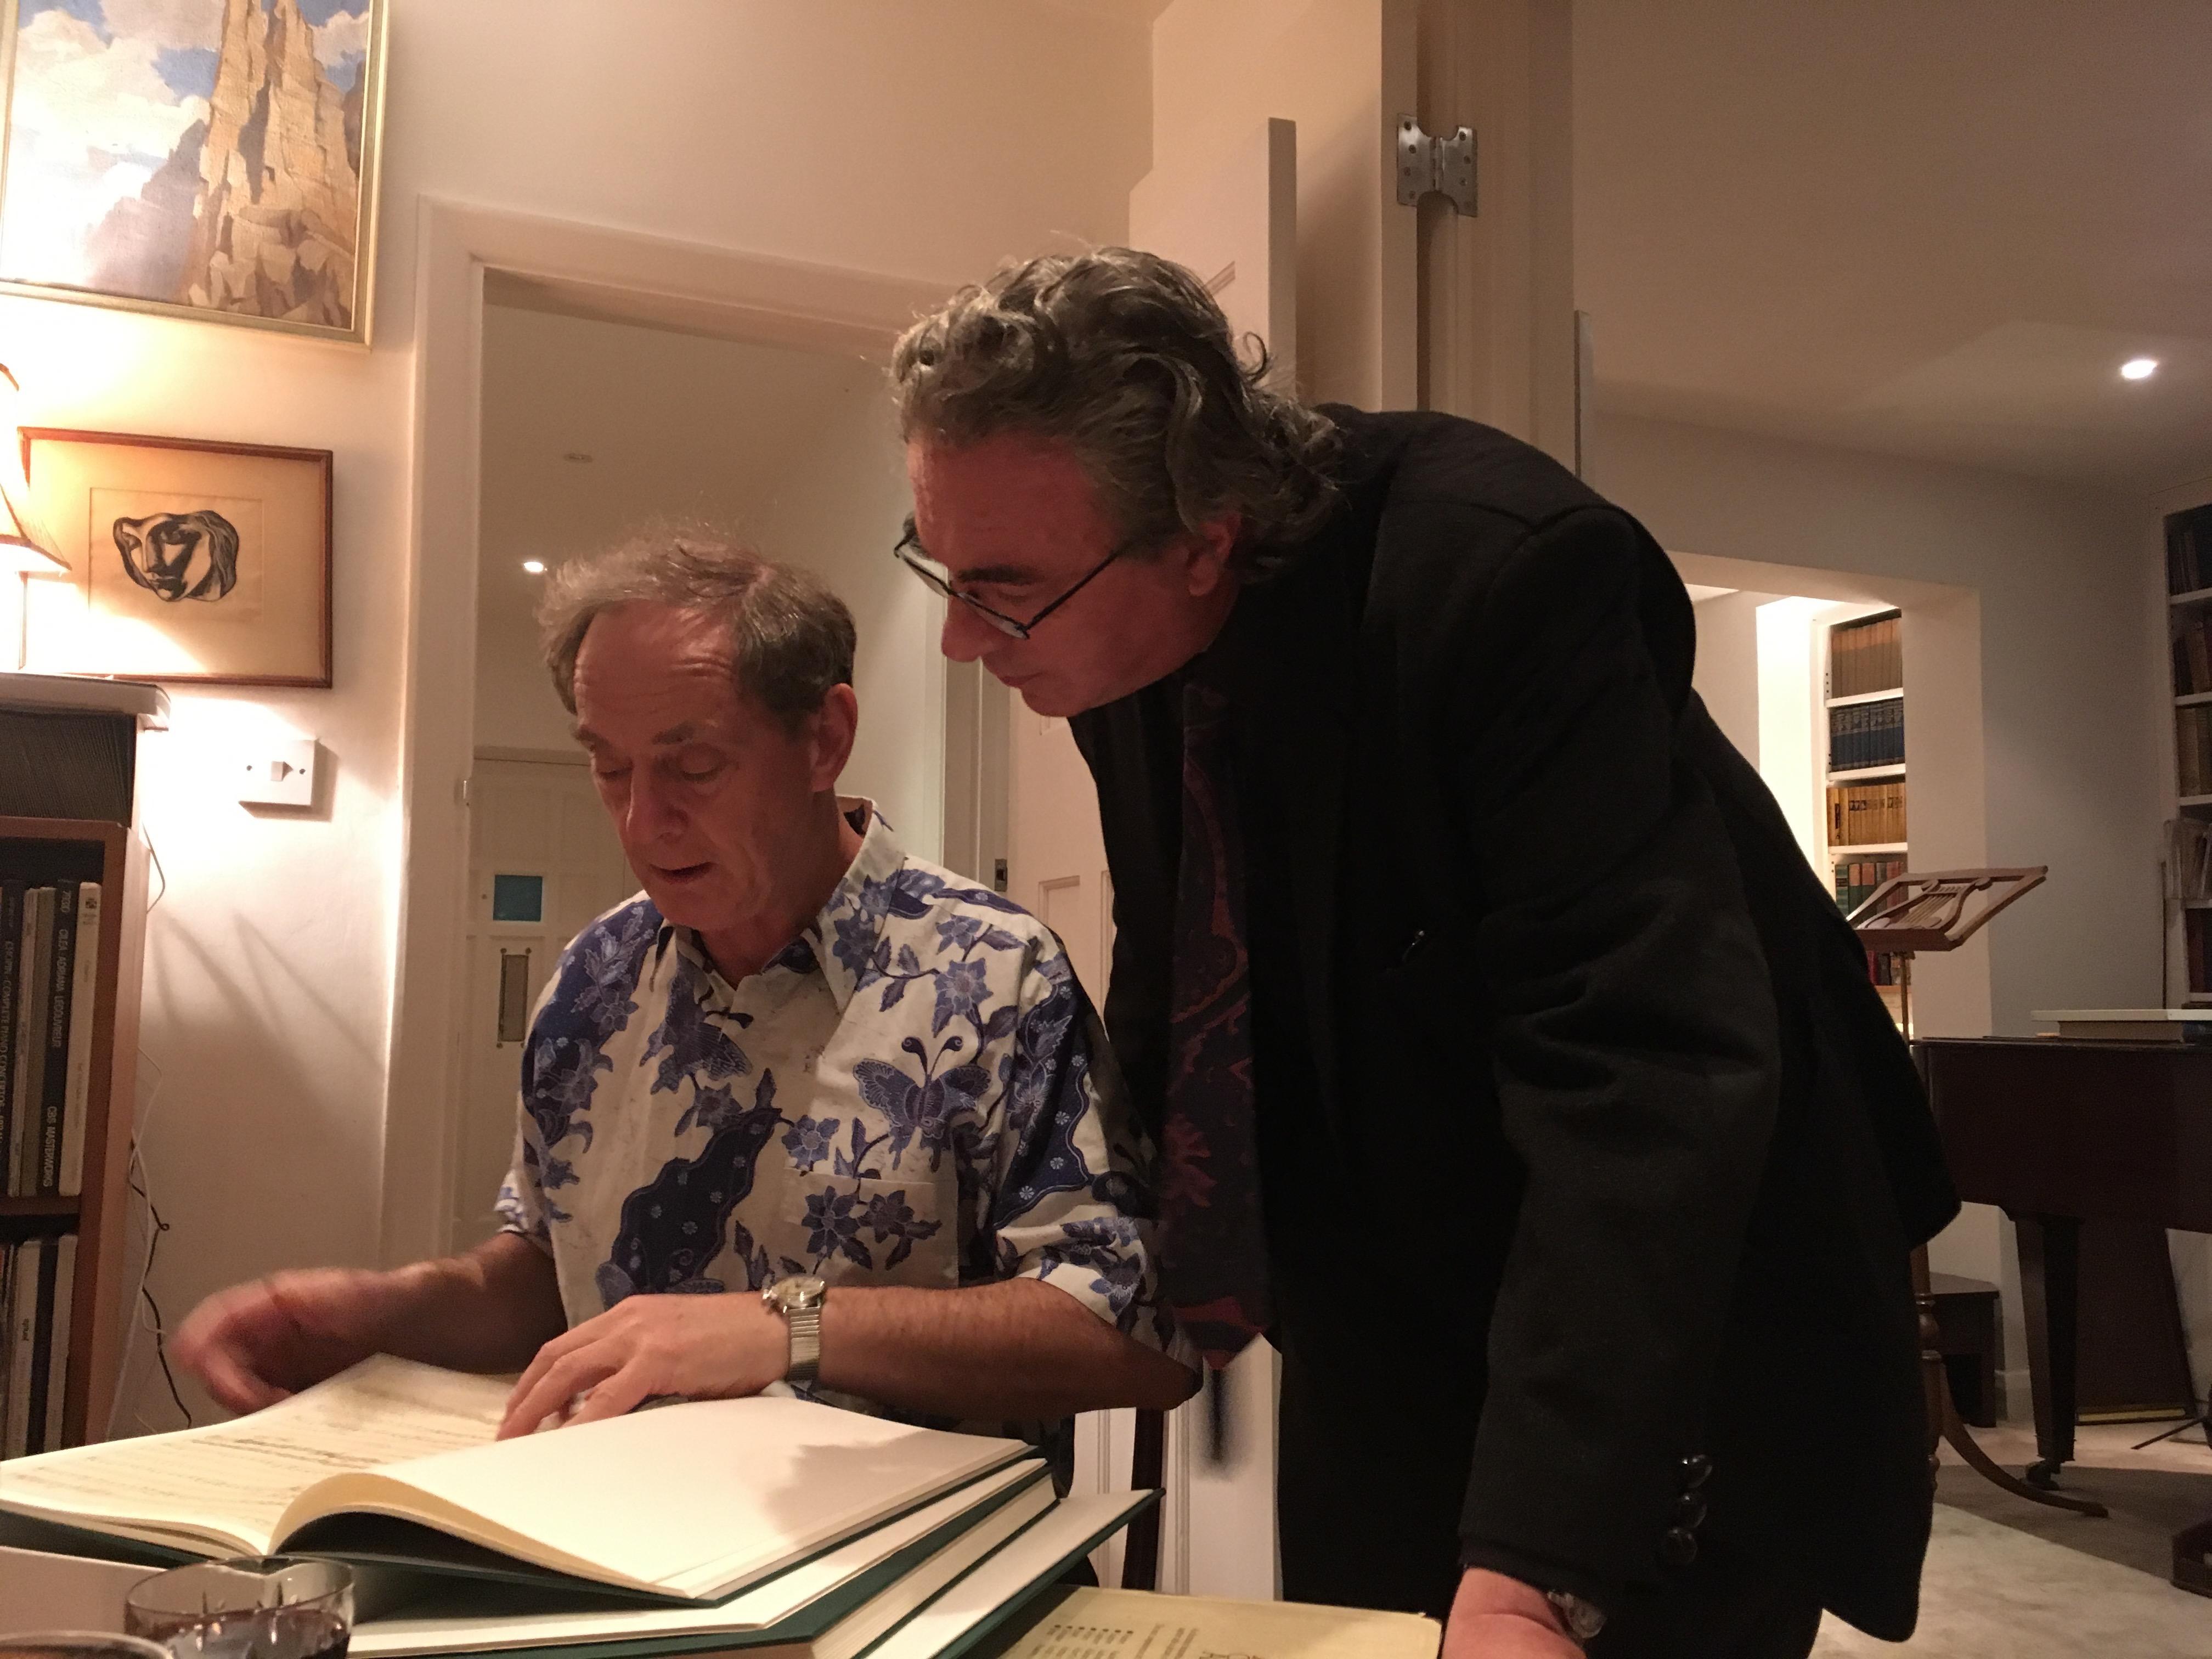 ALBERTO CAPRIOLI AND JONATHAN DEL MAR IN HIS LONDON STUDIO, JANUARY 2017